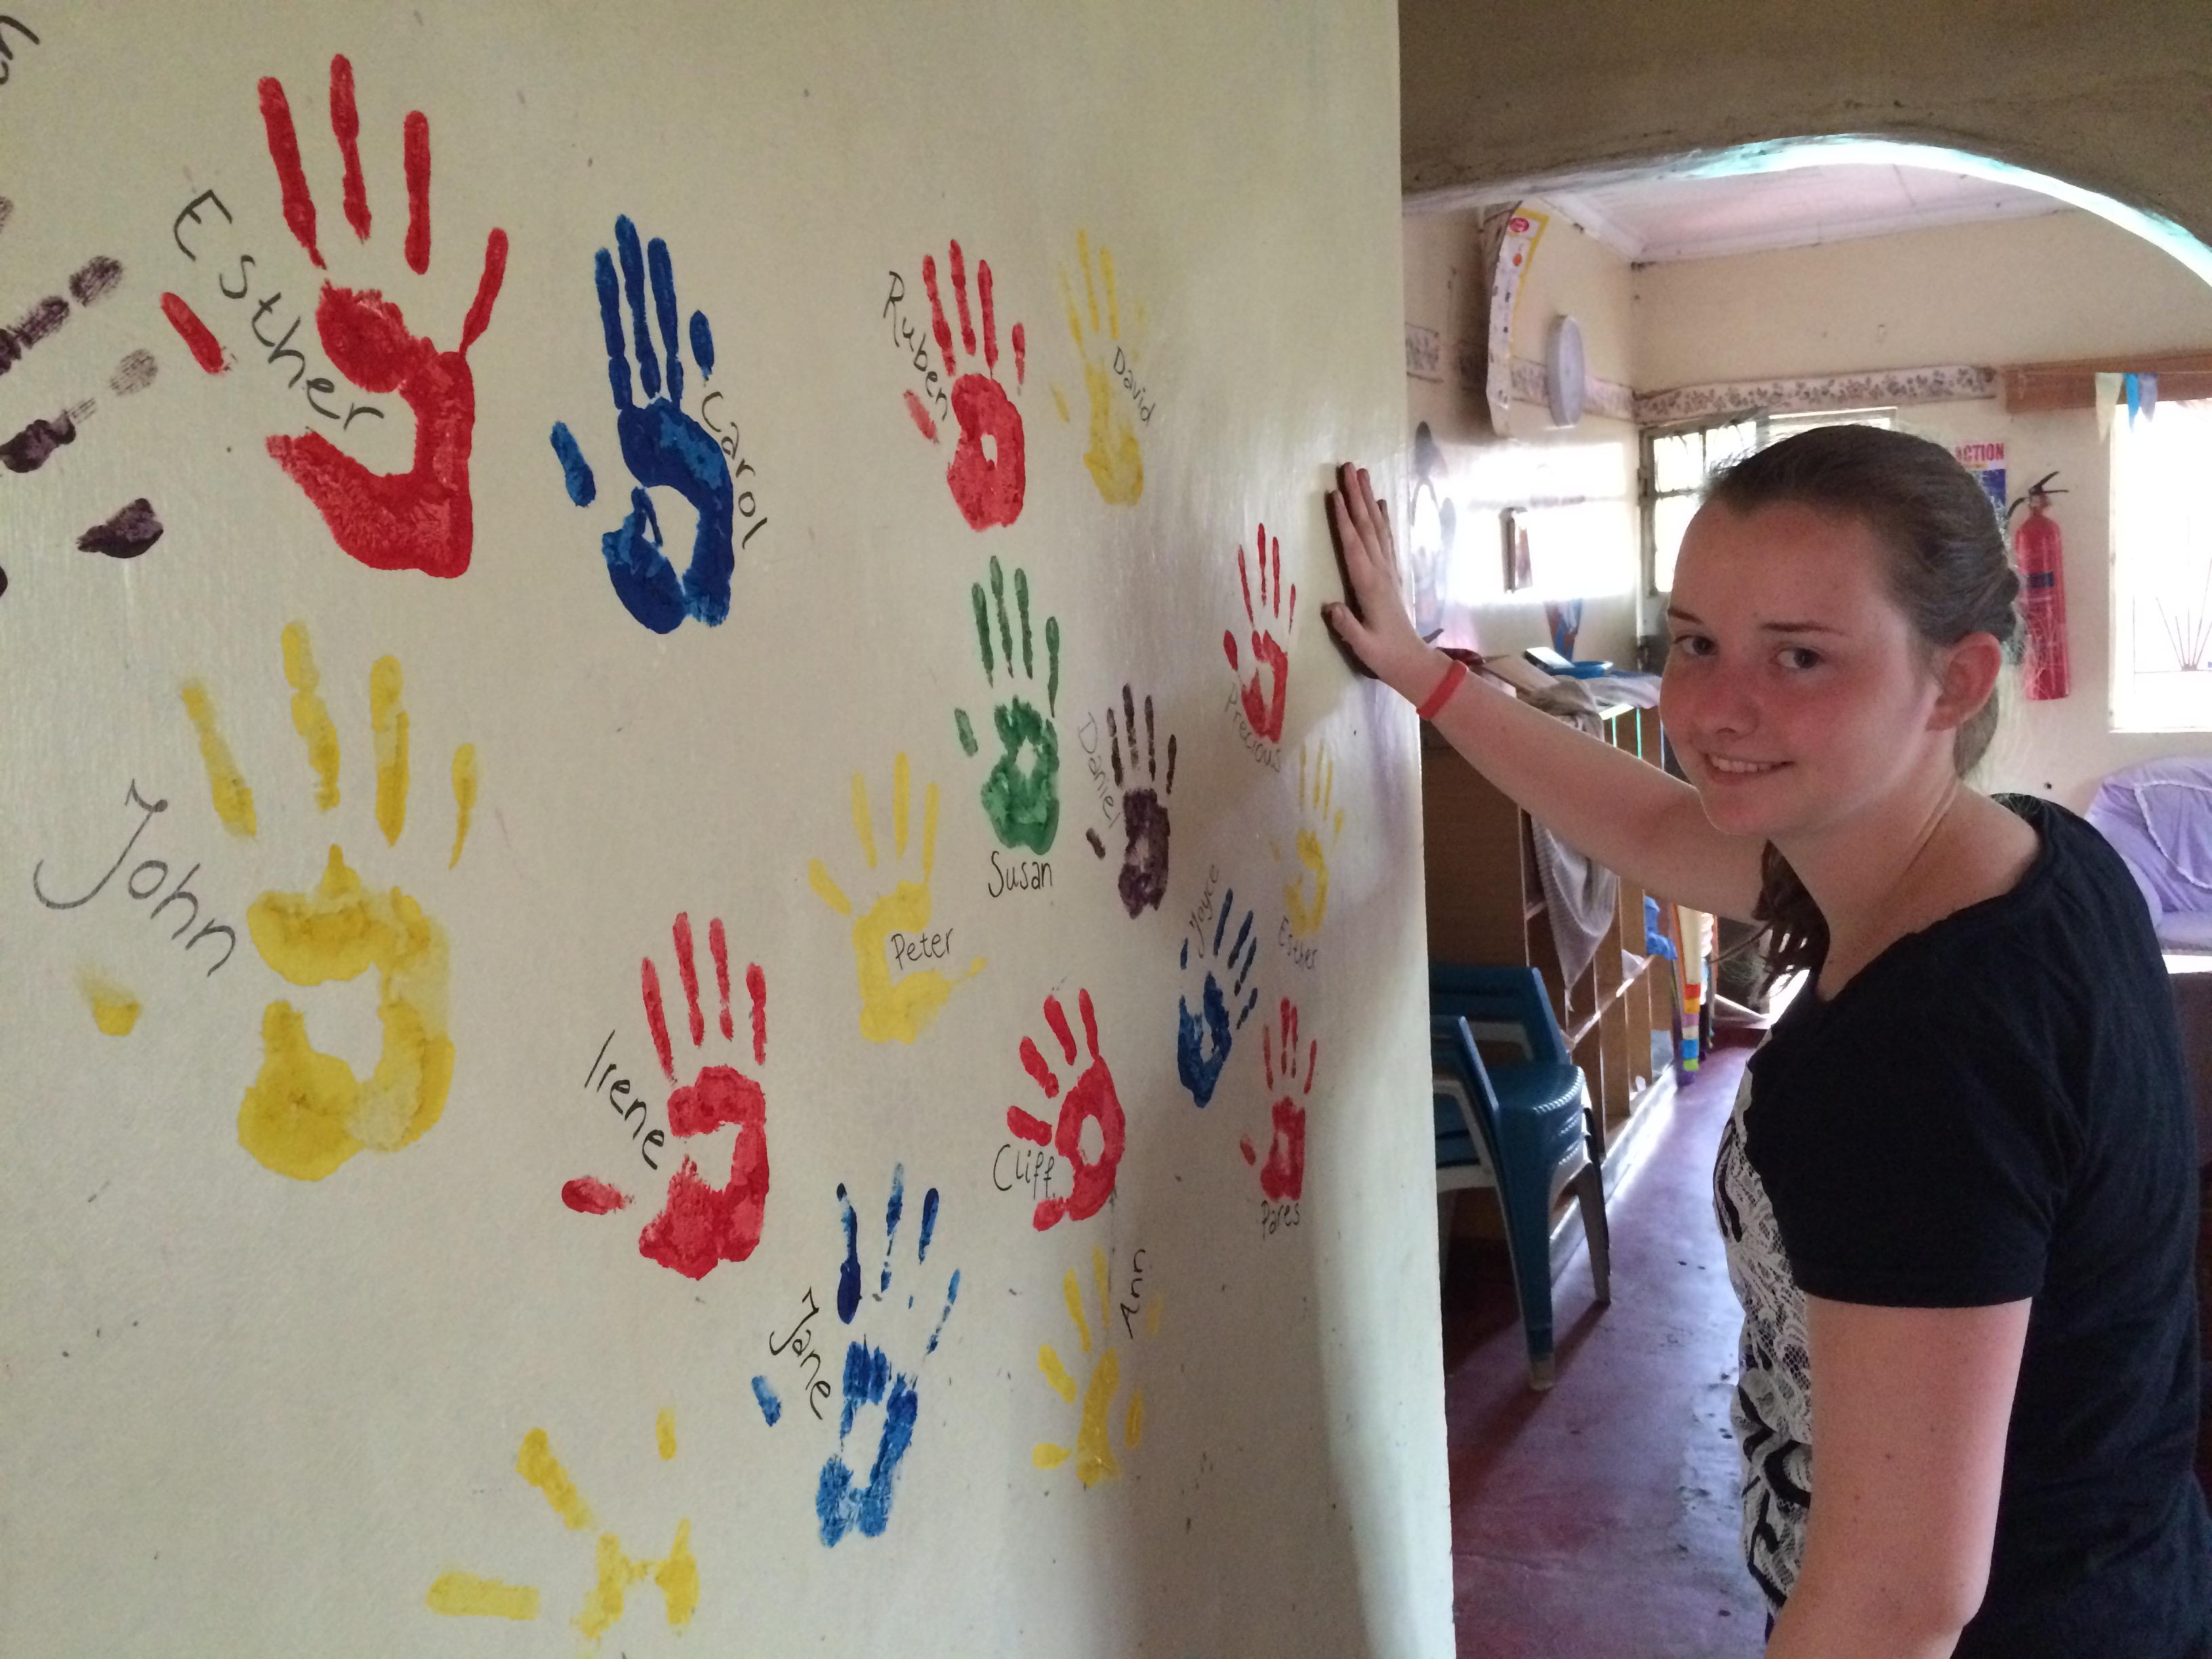 Mijn eigen hand op de muur 2016